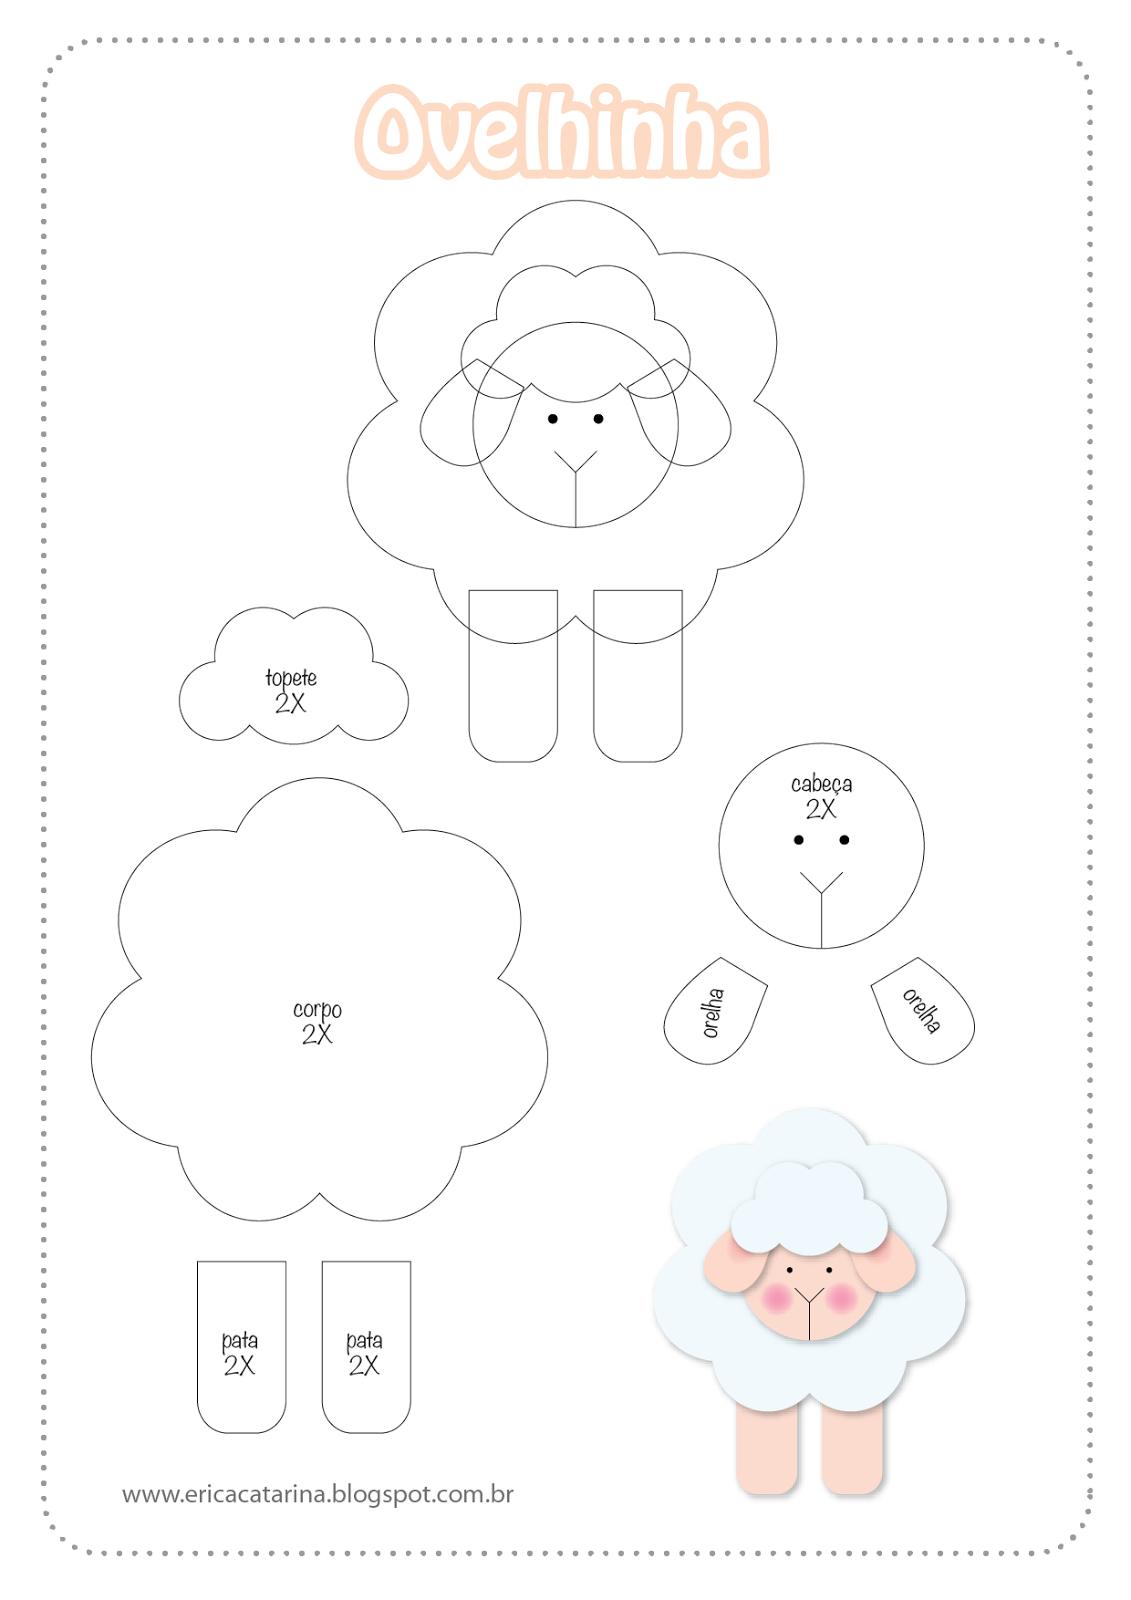 Excepcional Moldes Fazendinha baby para decorações em feltro e EVA | Hey baby  ND95